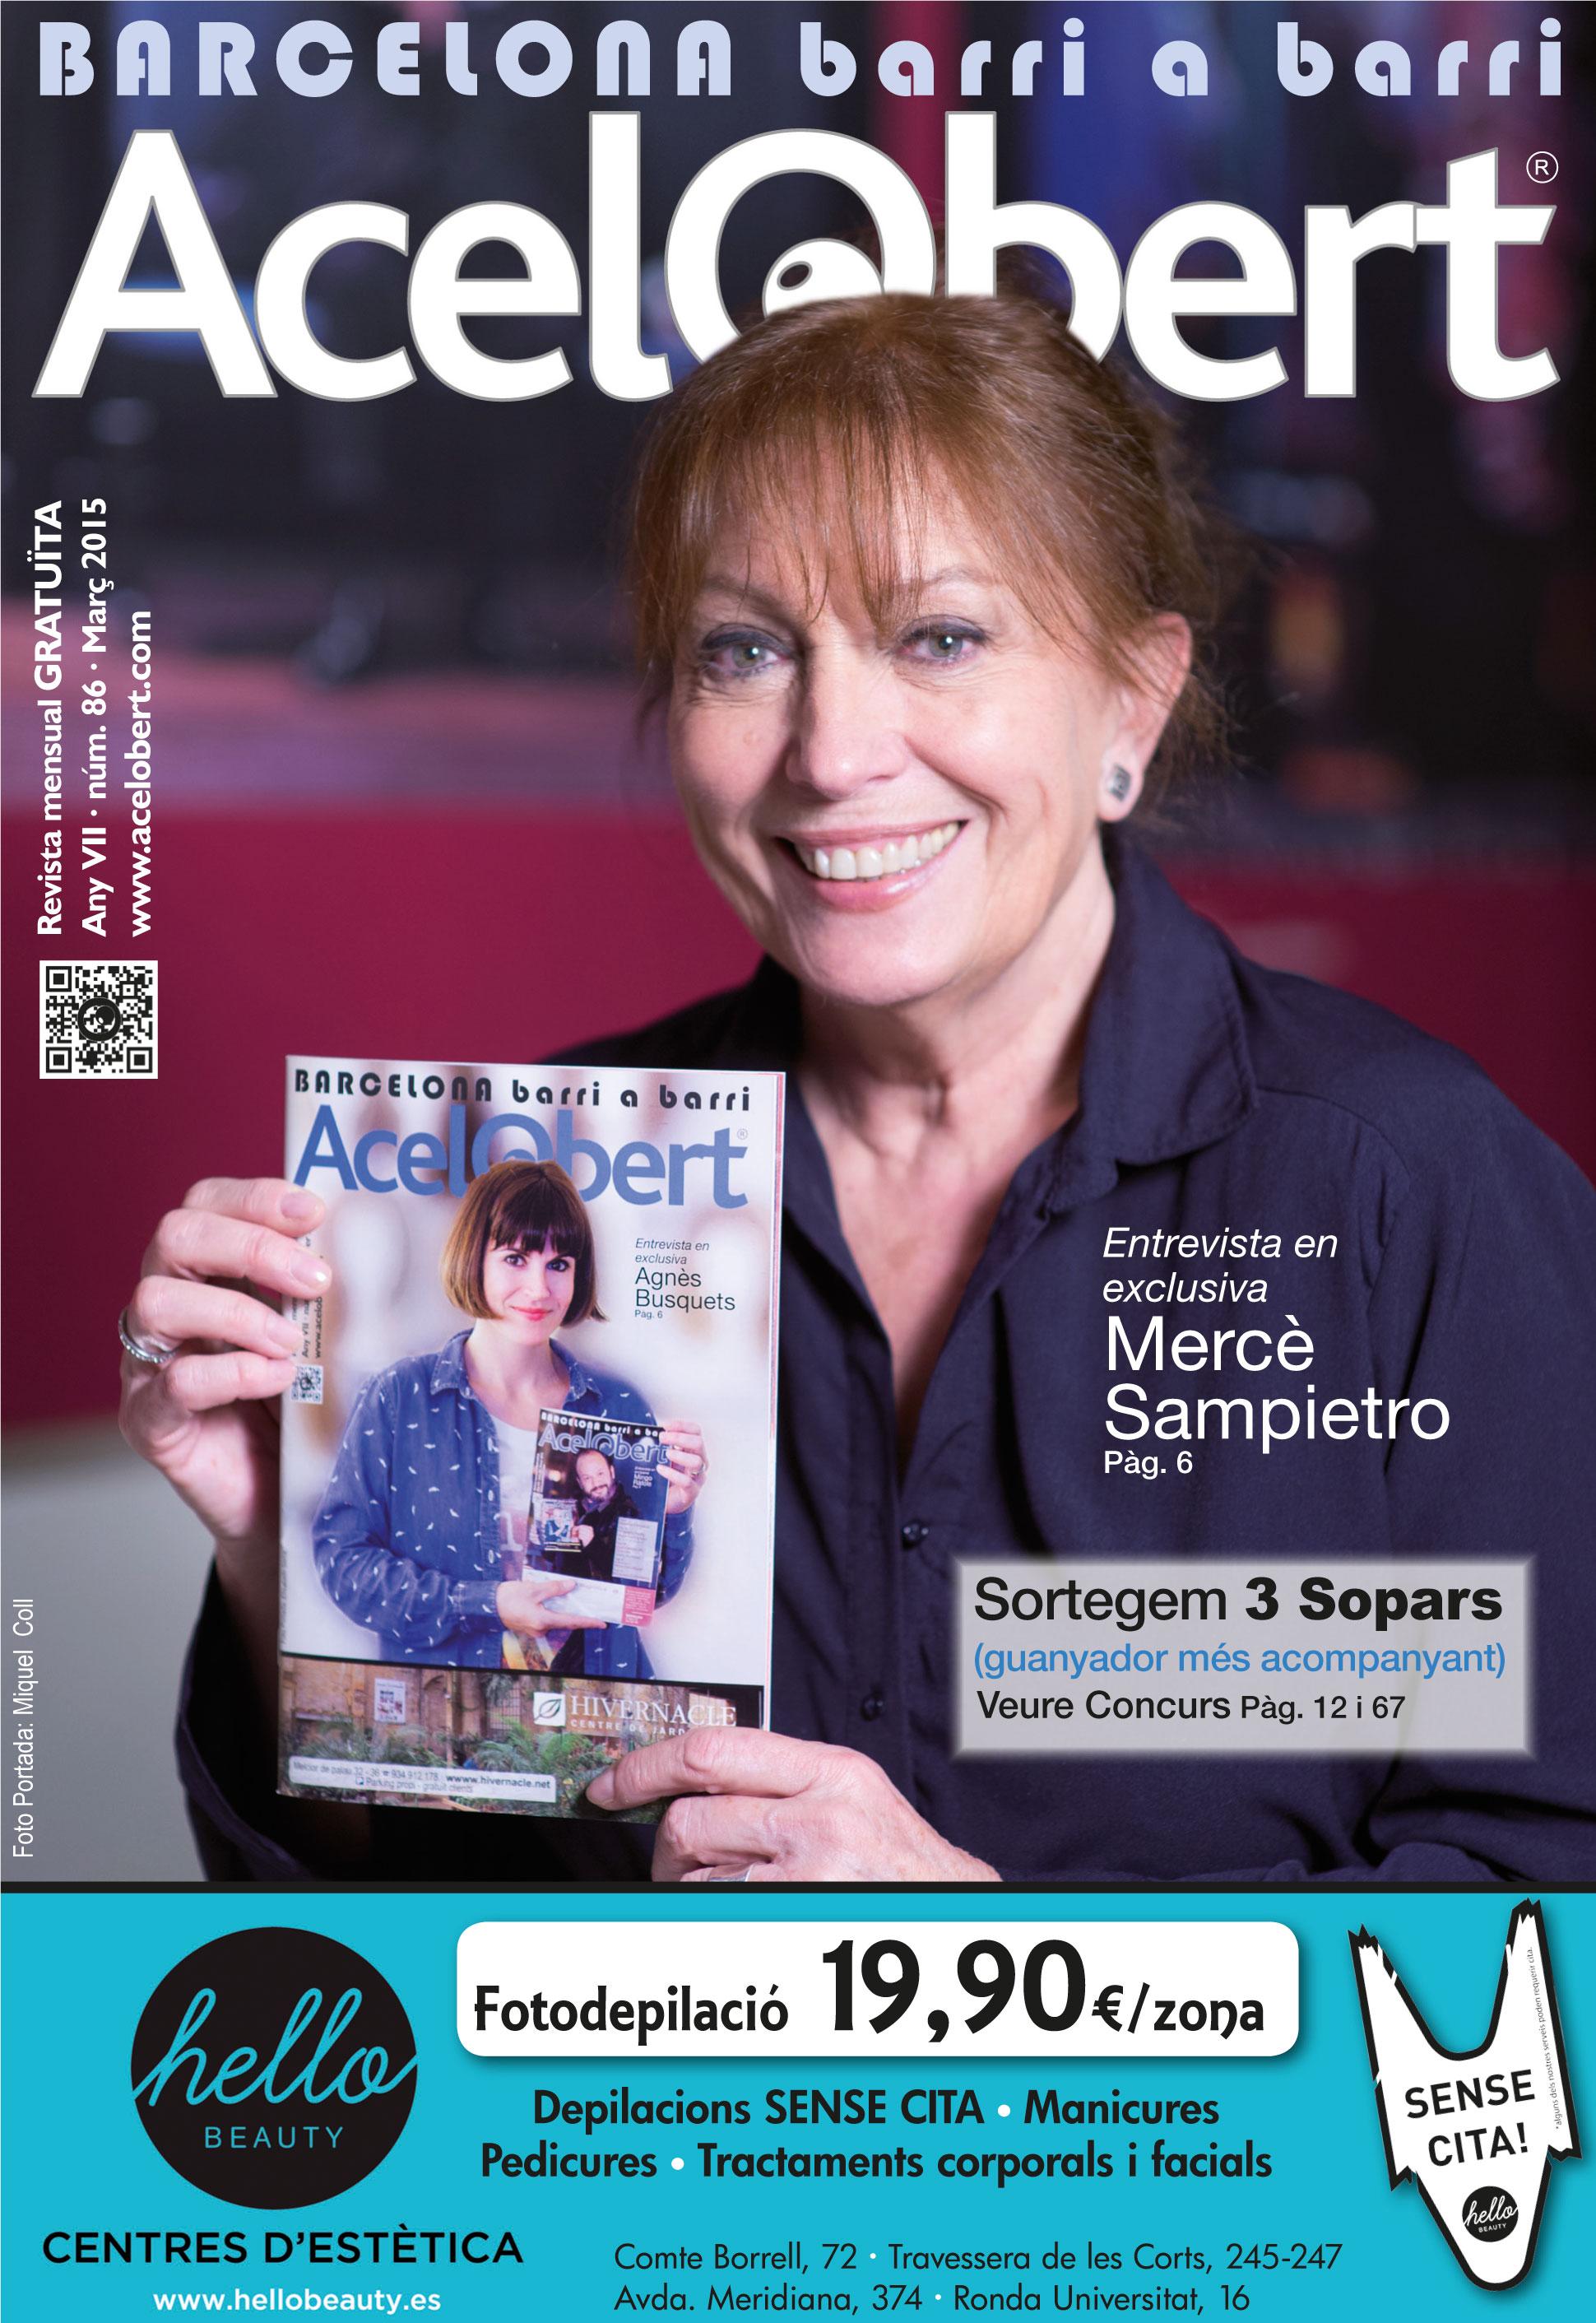 Acelobert Barcelona nº86 Març 2015